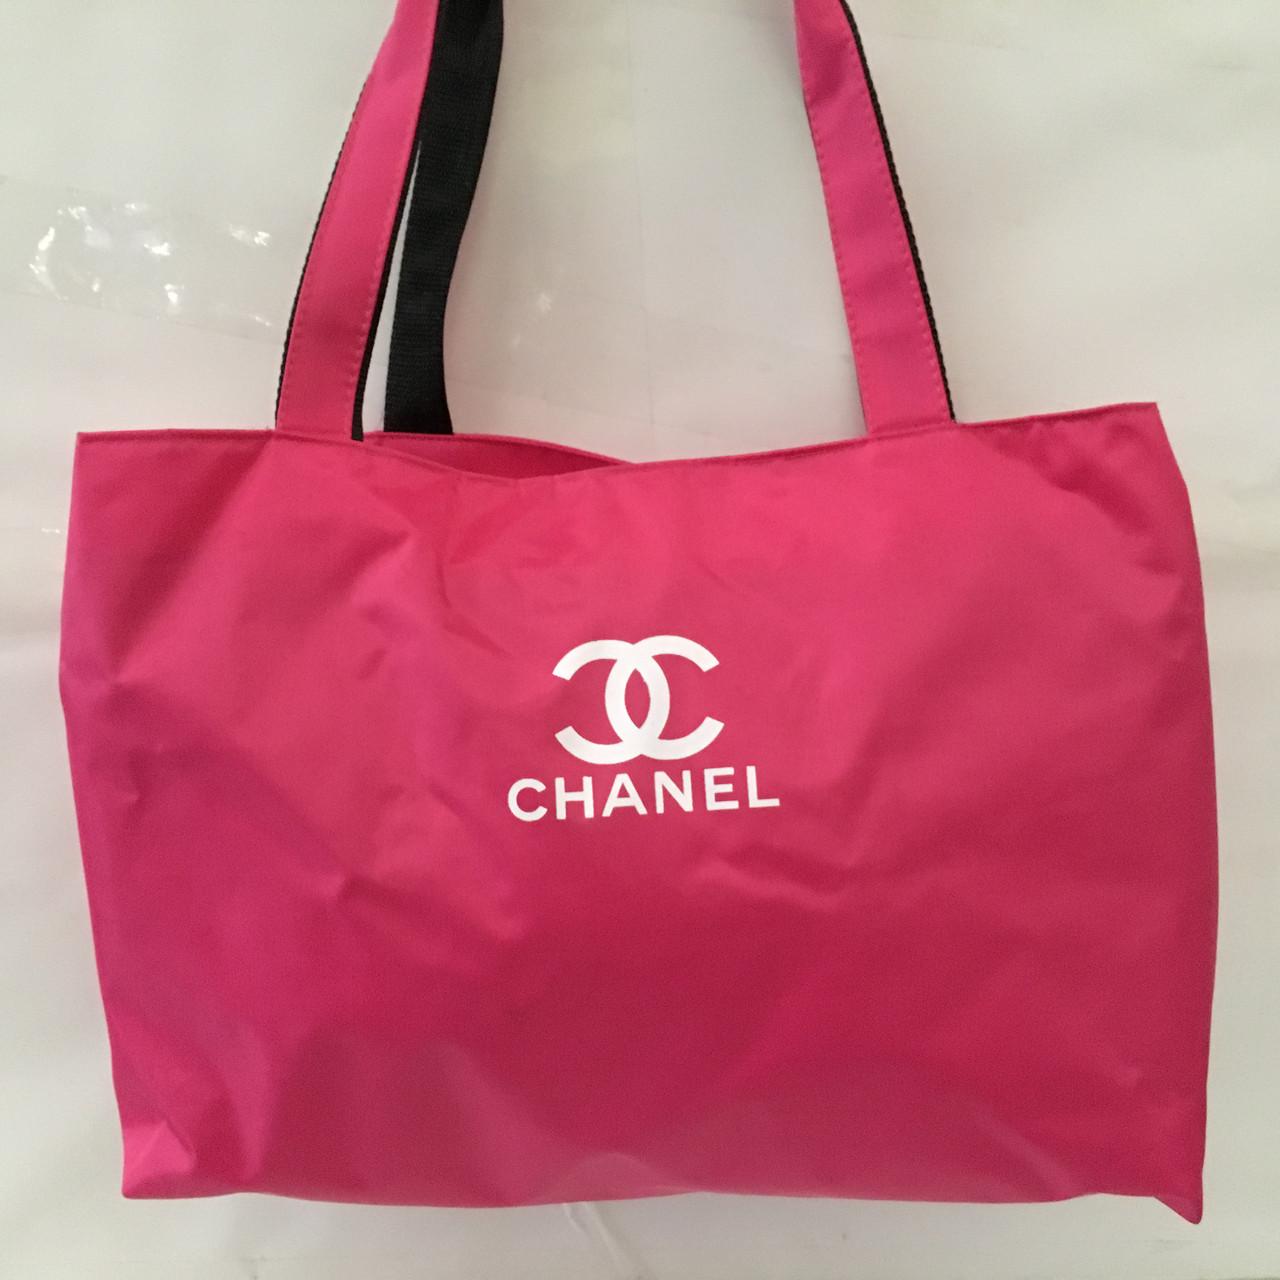 4c24013ffd84 Молодёжная женская сумка стильный цветочный принт\\Женские спортивная Сумка  оптом